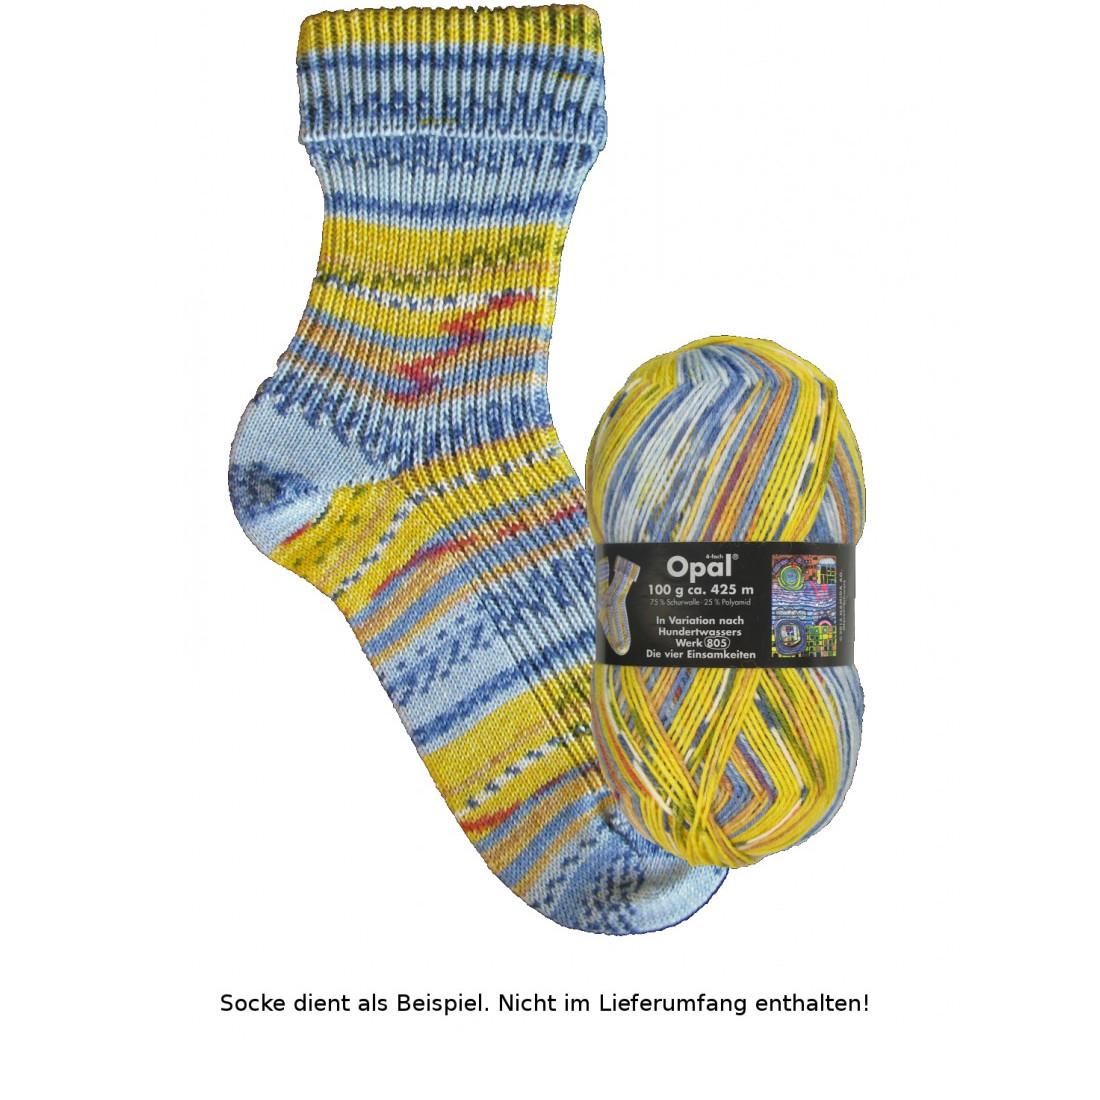 - Opal Hundertwasser Sockenwolle 100g - 2105 Die vier Einsamkeiten - Opal Hundertwasser Sockenwolle 100g - 2105 Die vier Einsamkeiten